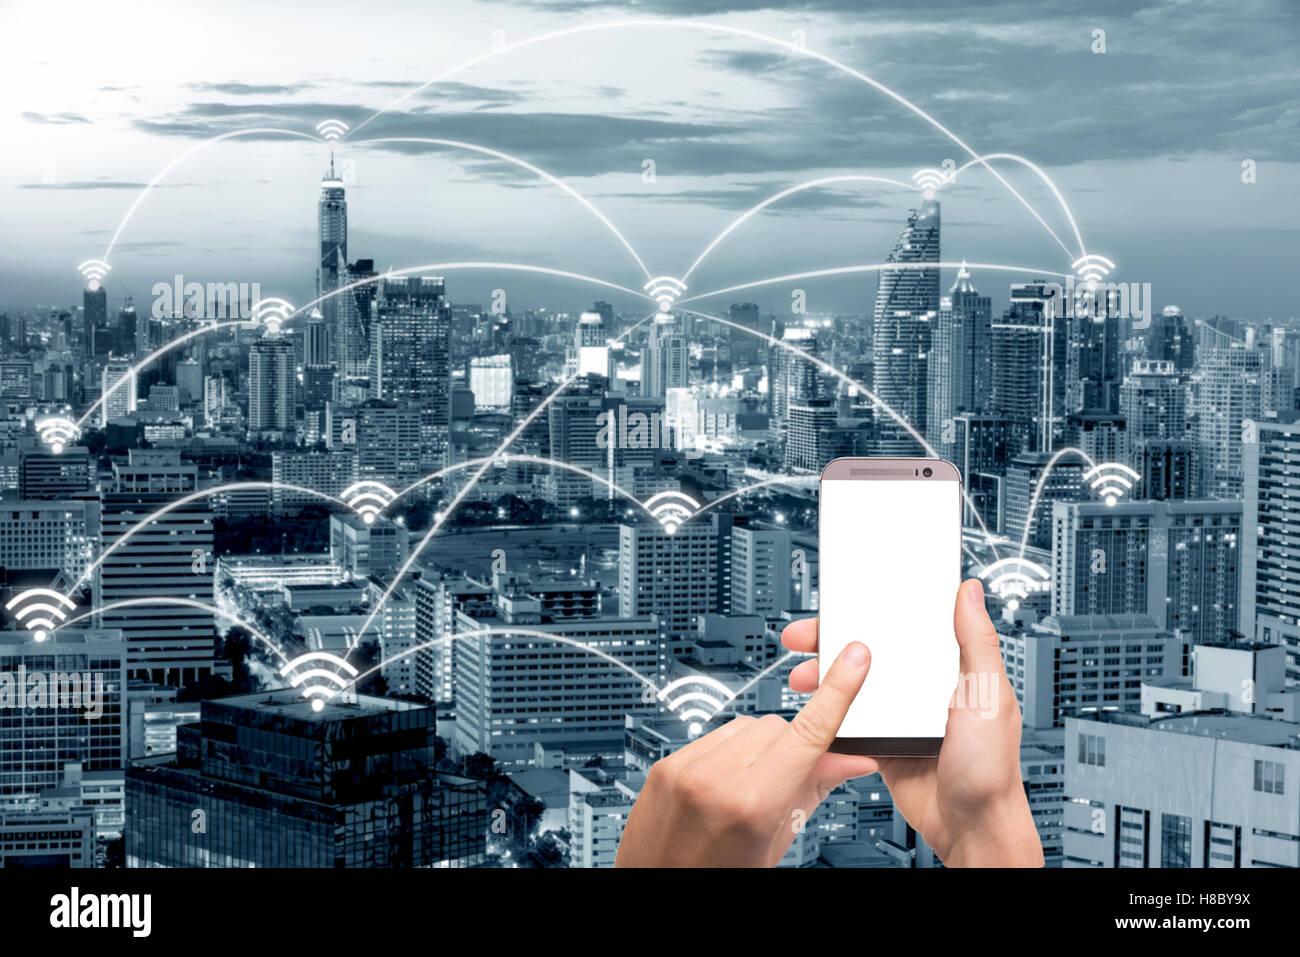 L'icona wifi e Bangkok City con connessione di rete concetto, Shanghai smart city e la rete di comunicazione Immagini Stock